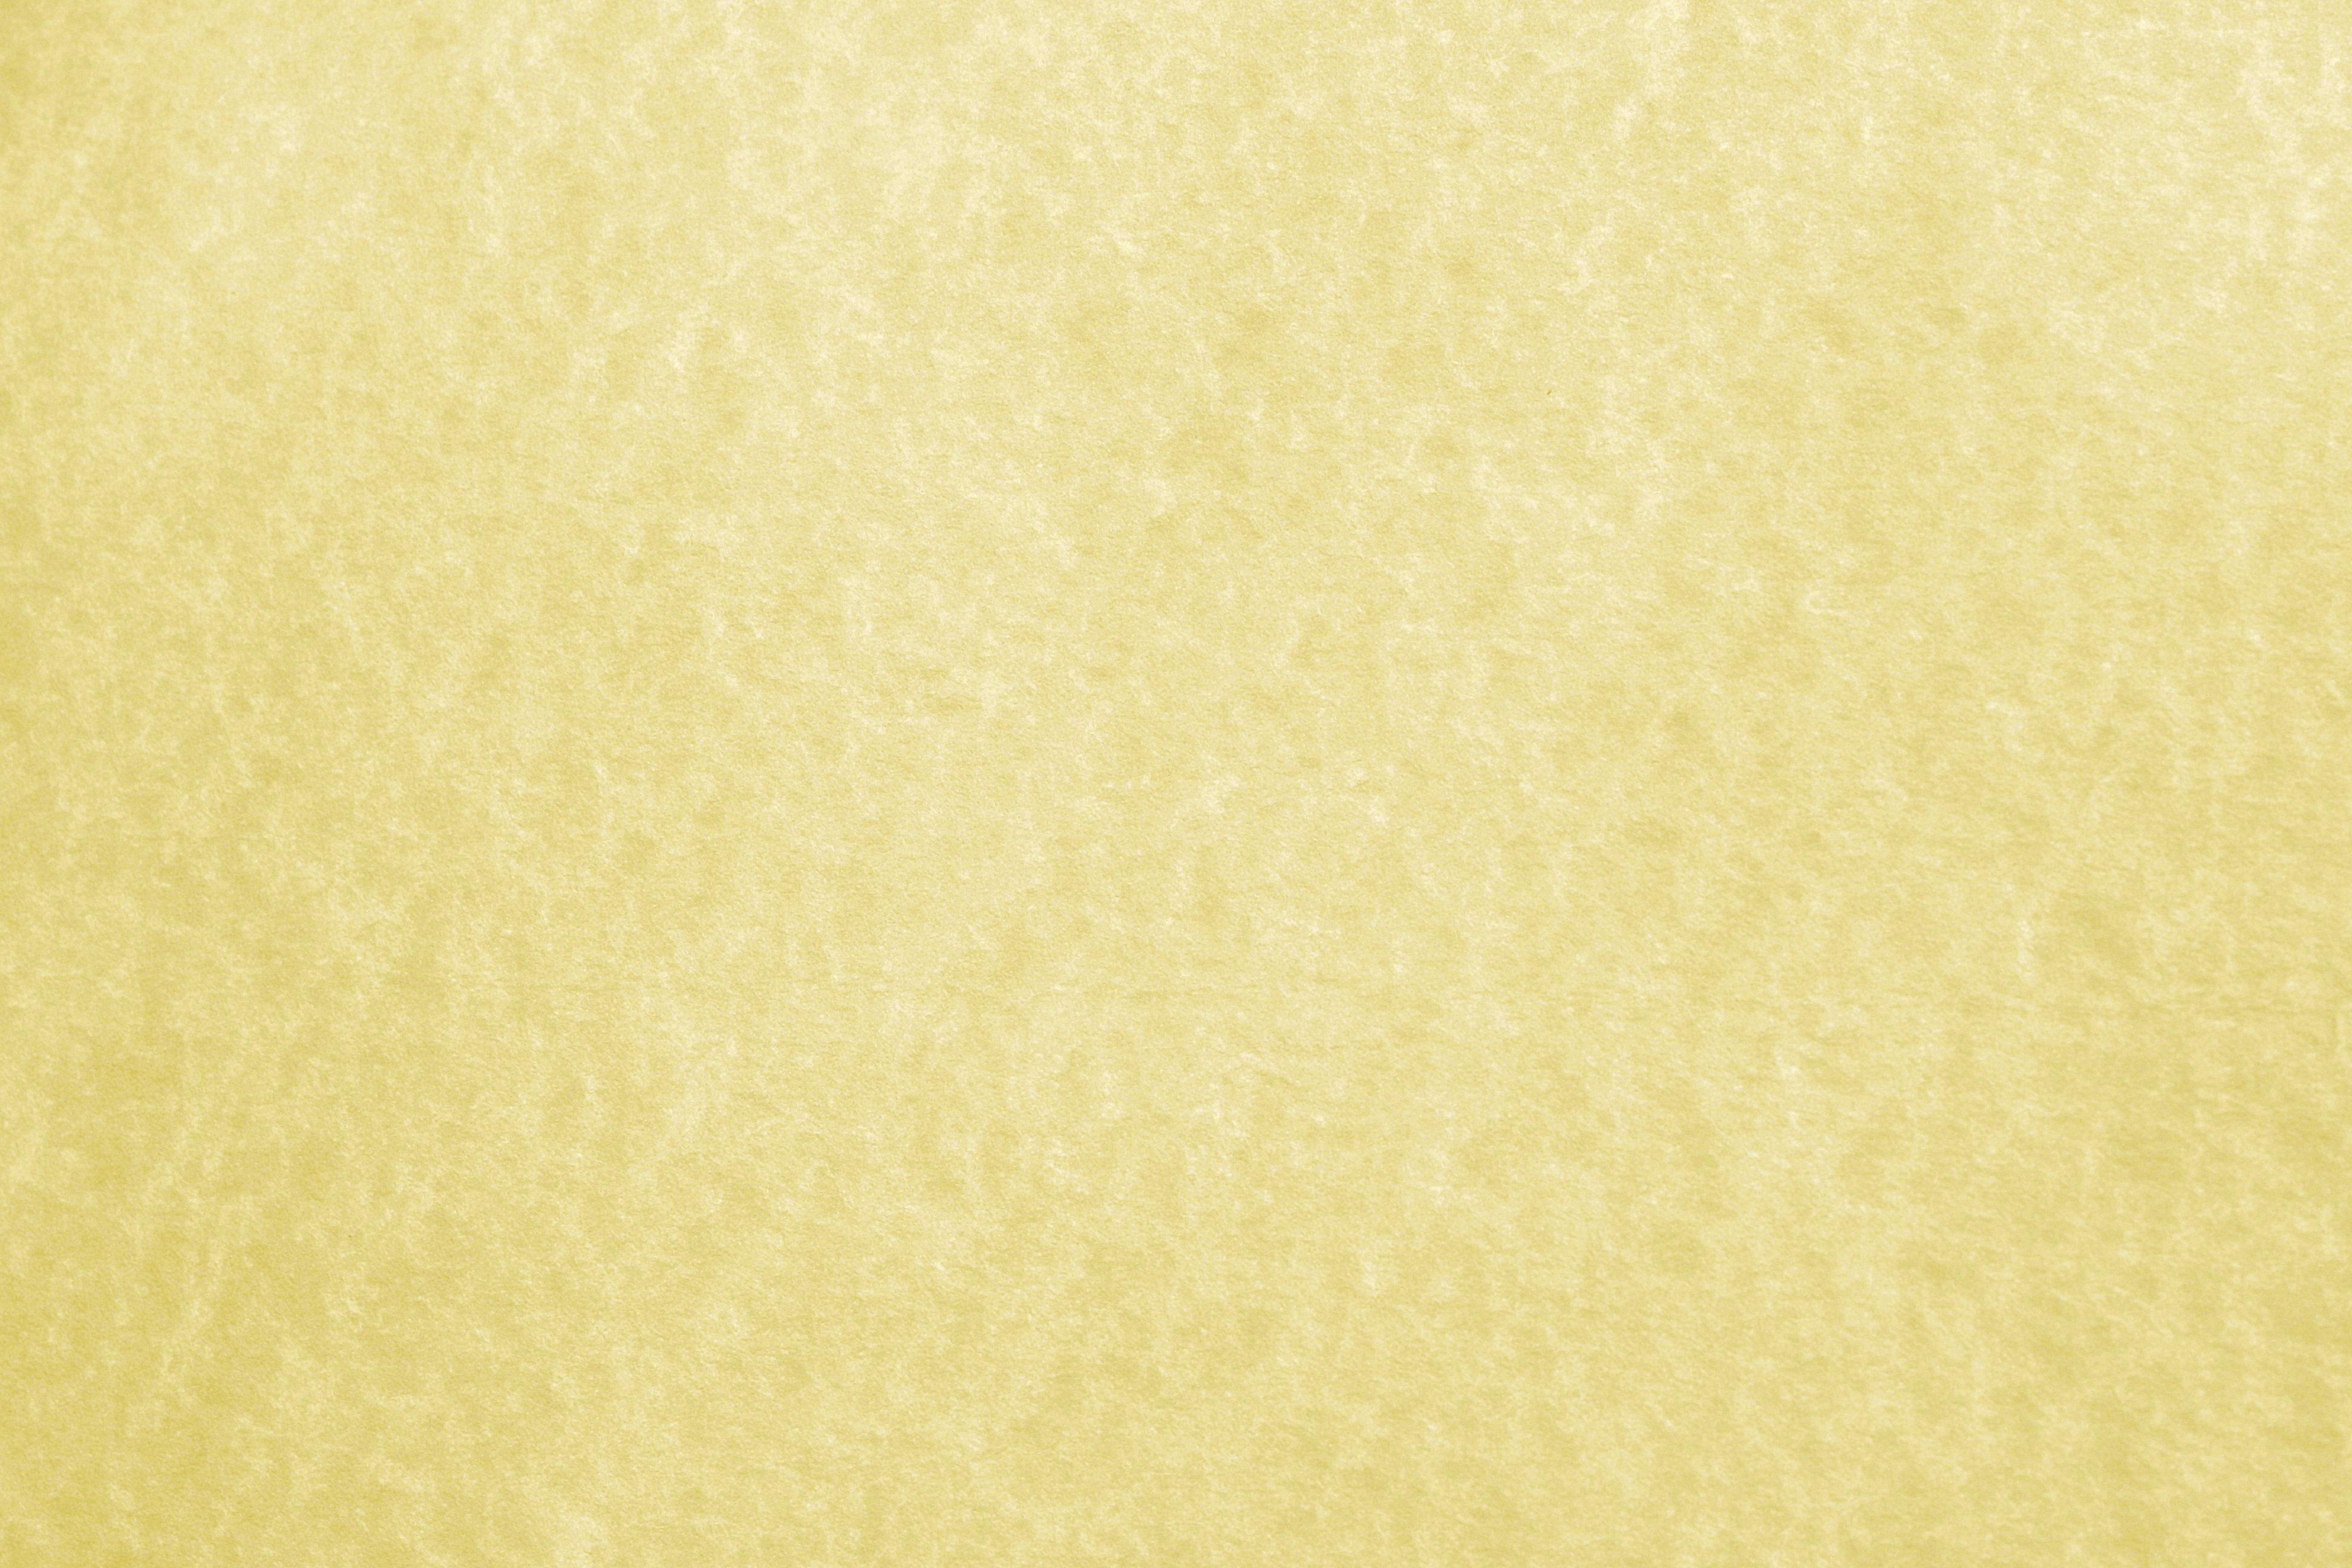 parchment-background-19